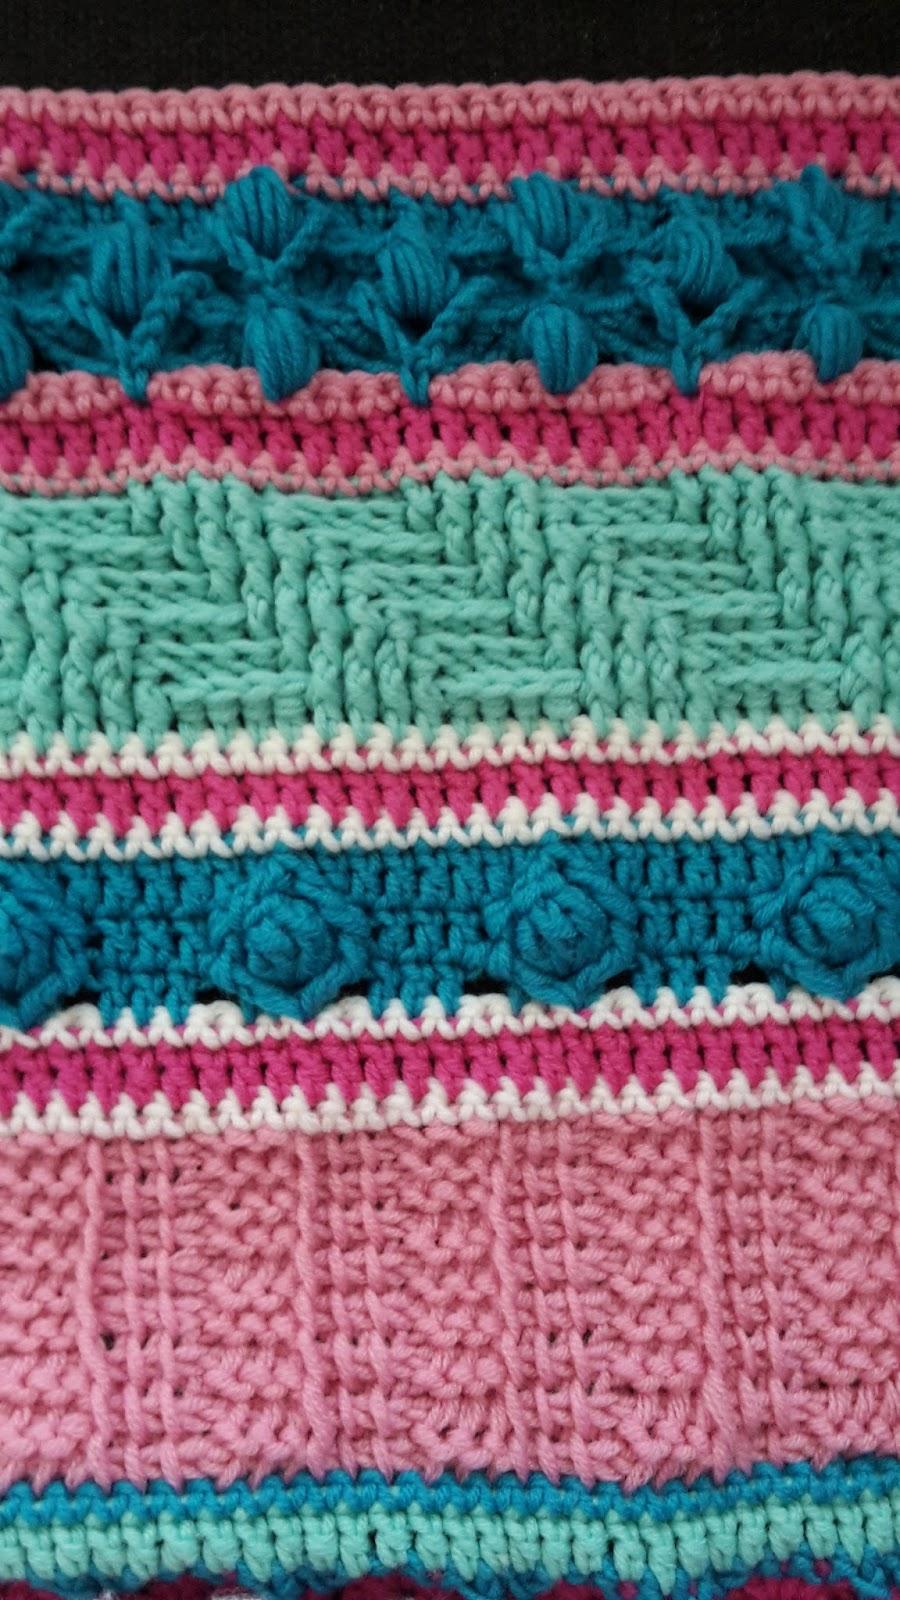 Knutsels Van Jolanda Double Trouble Crochet Along 2017 Week 22